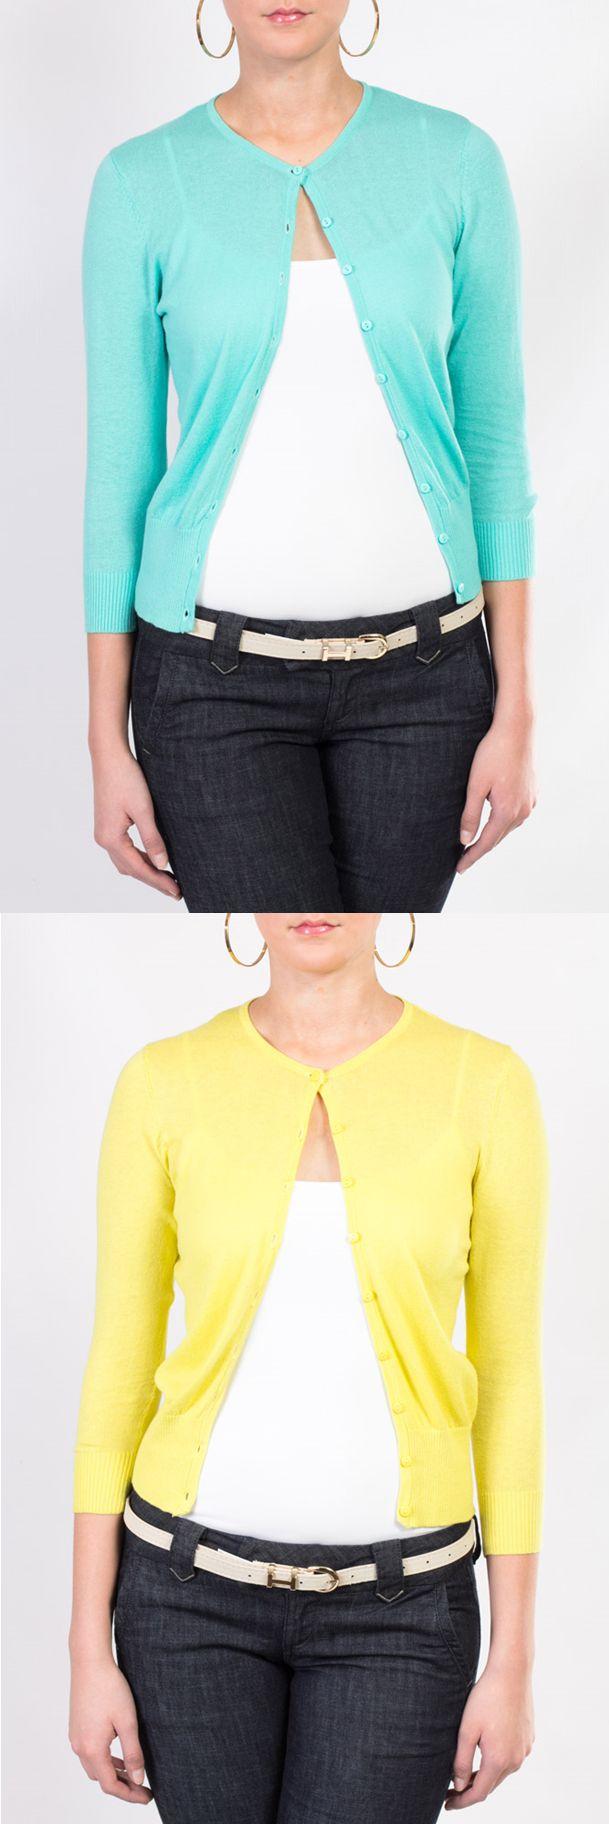 Te presentamos estos cómodos y lindos suéteres que puedes encontrar en colores verde menta, amarillo, blanco, negro, peach, coral, naranja y nude.